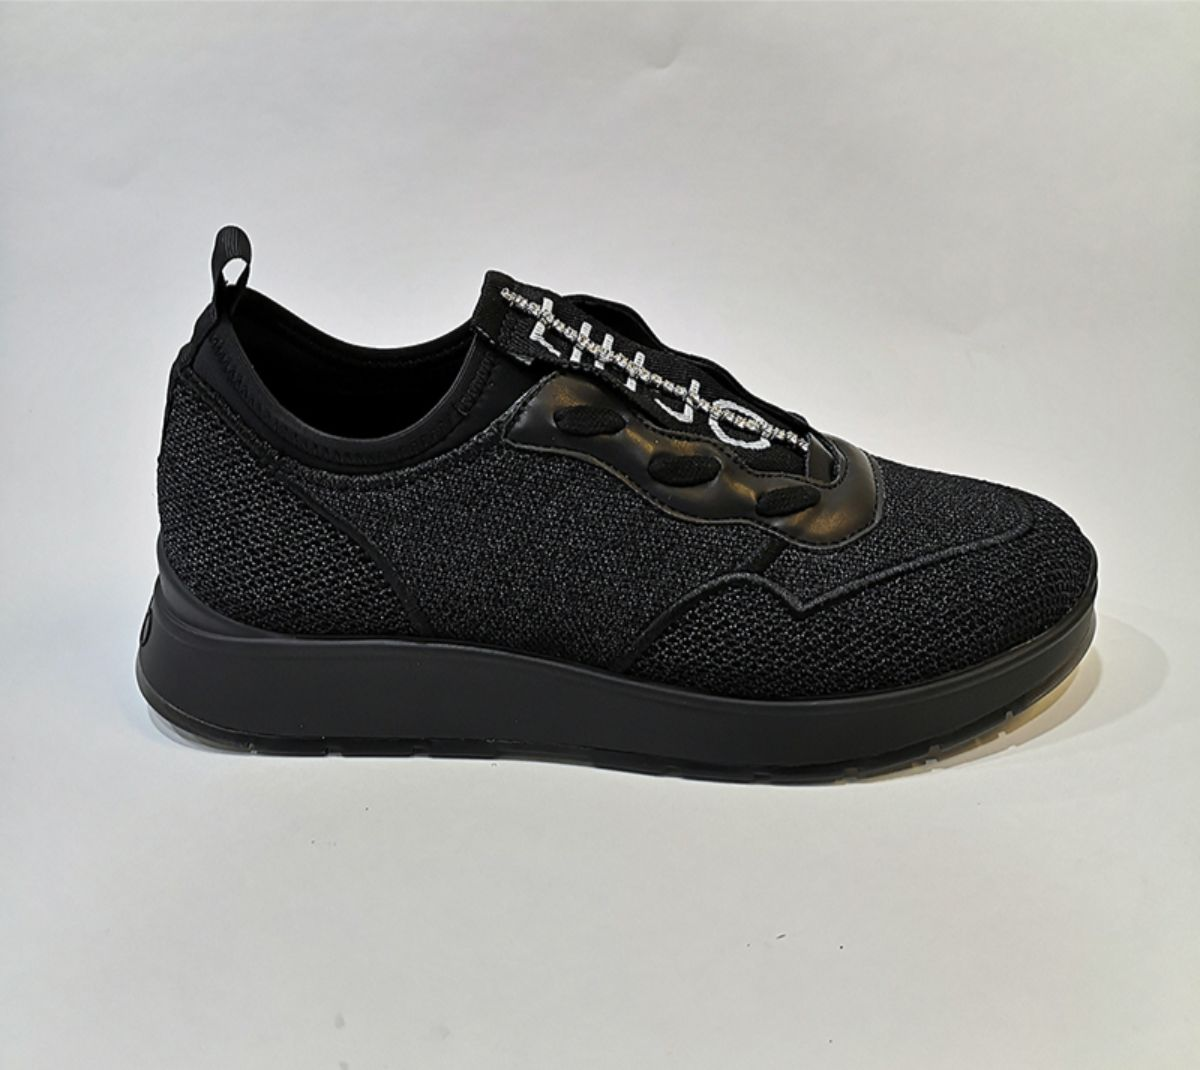 B69007-TX047 ASIA 04 SLIP-ON BLACK 5